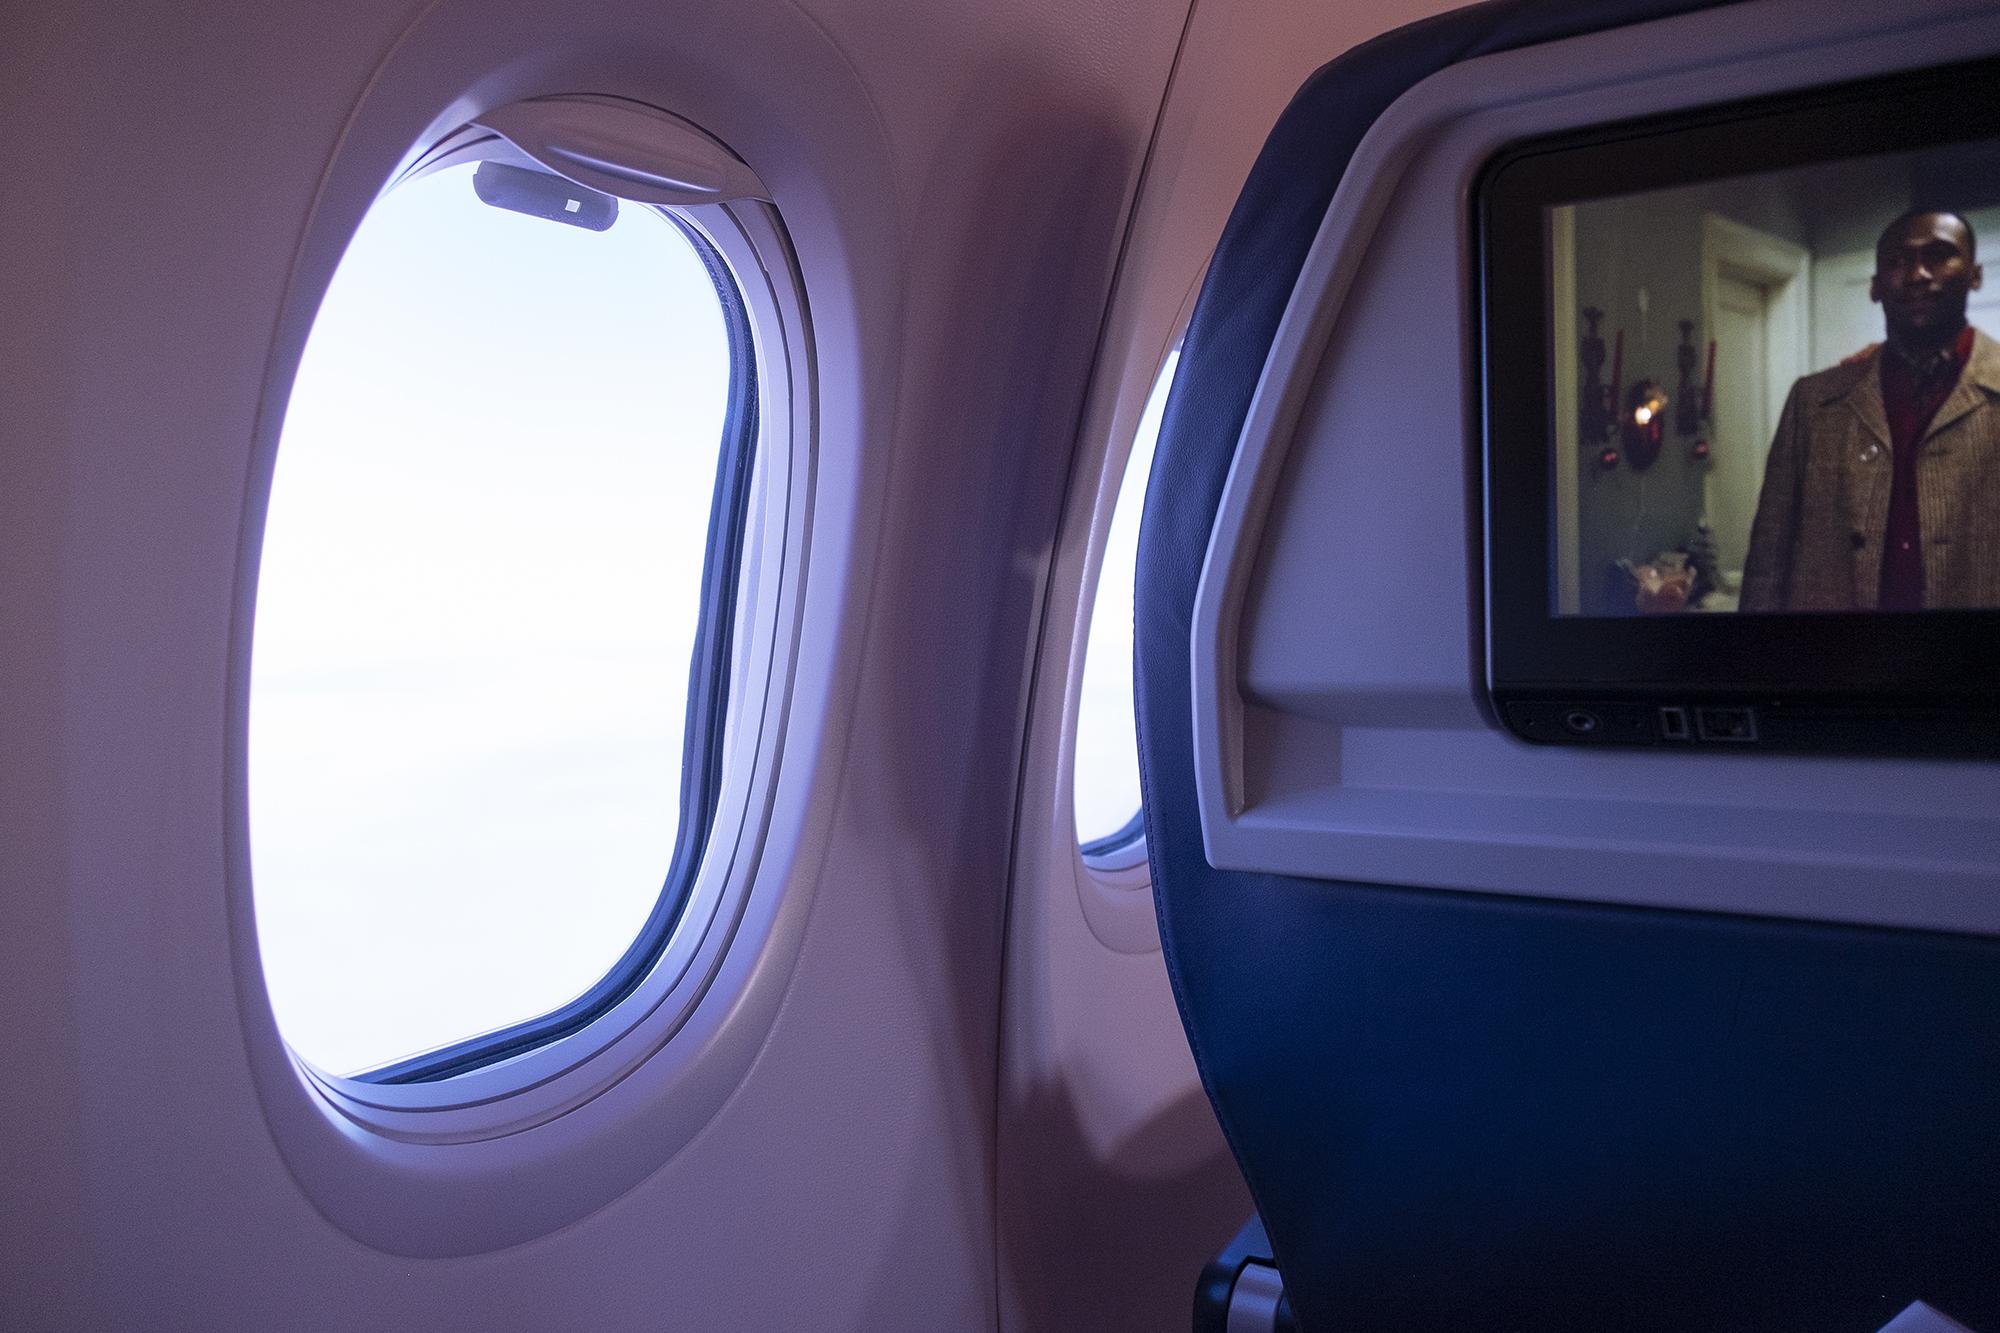 Заметил такое в самолете